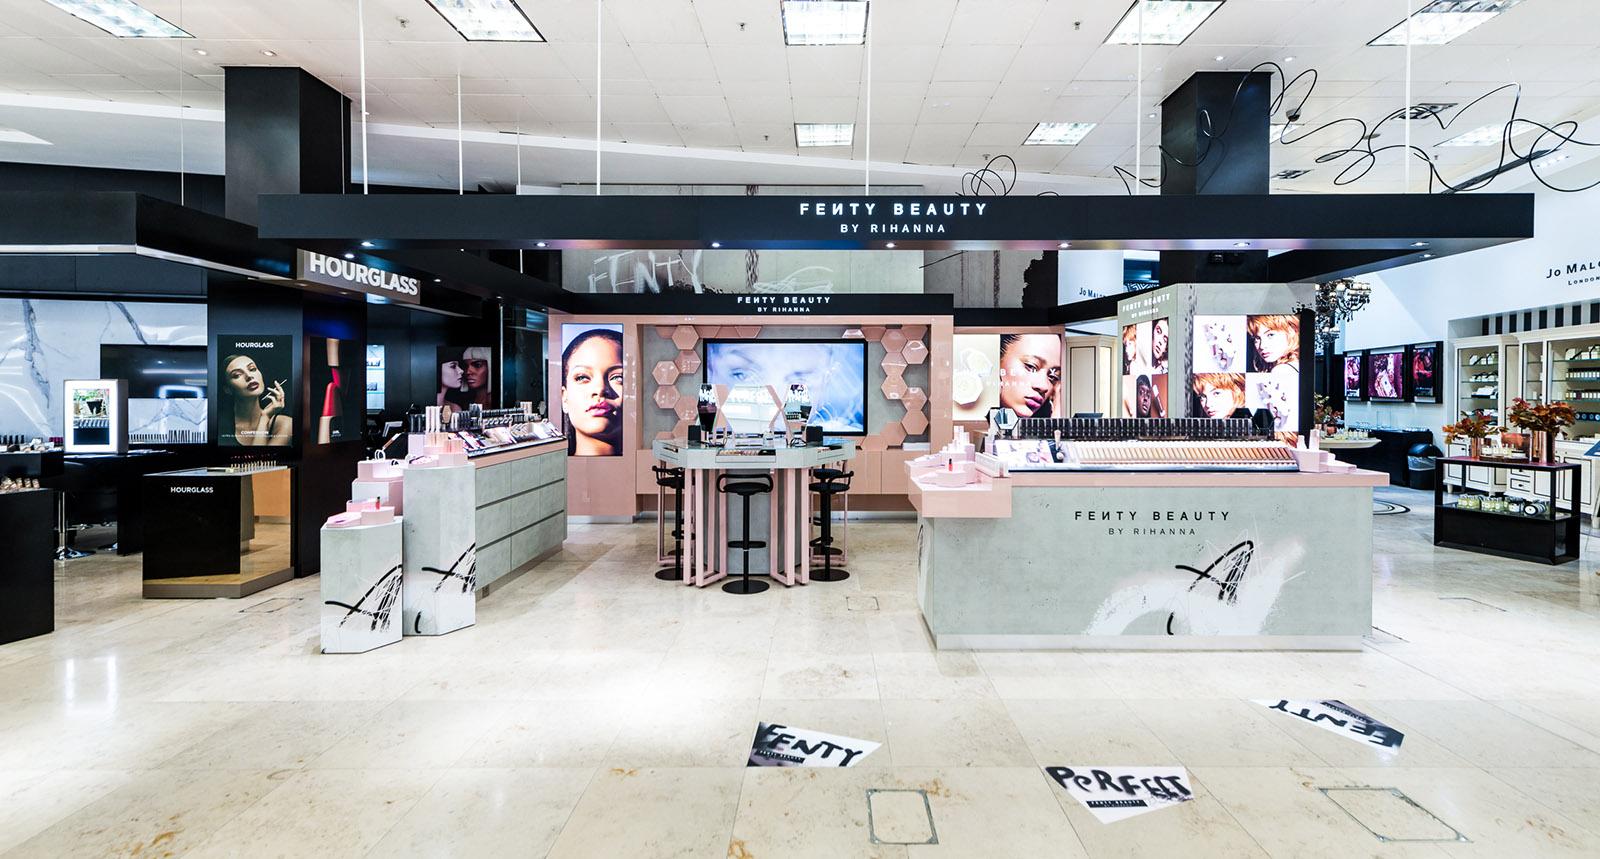 Fenty Beauty Interior Design Final Result